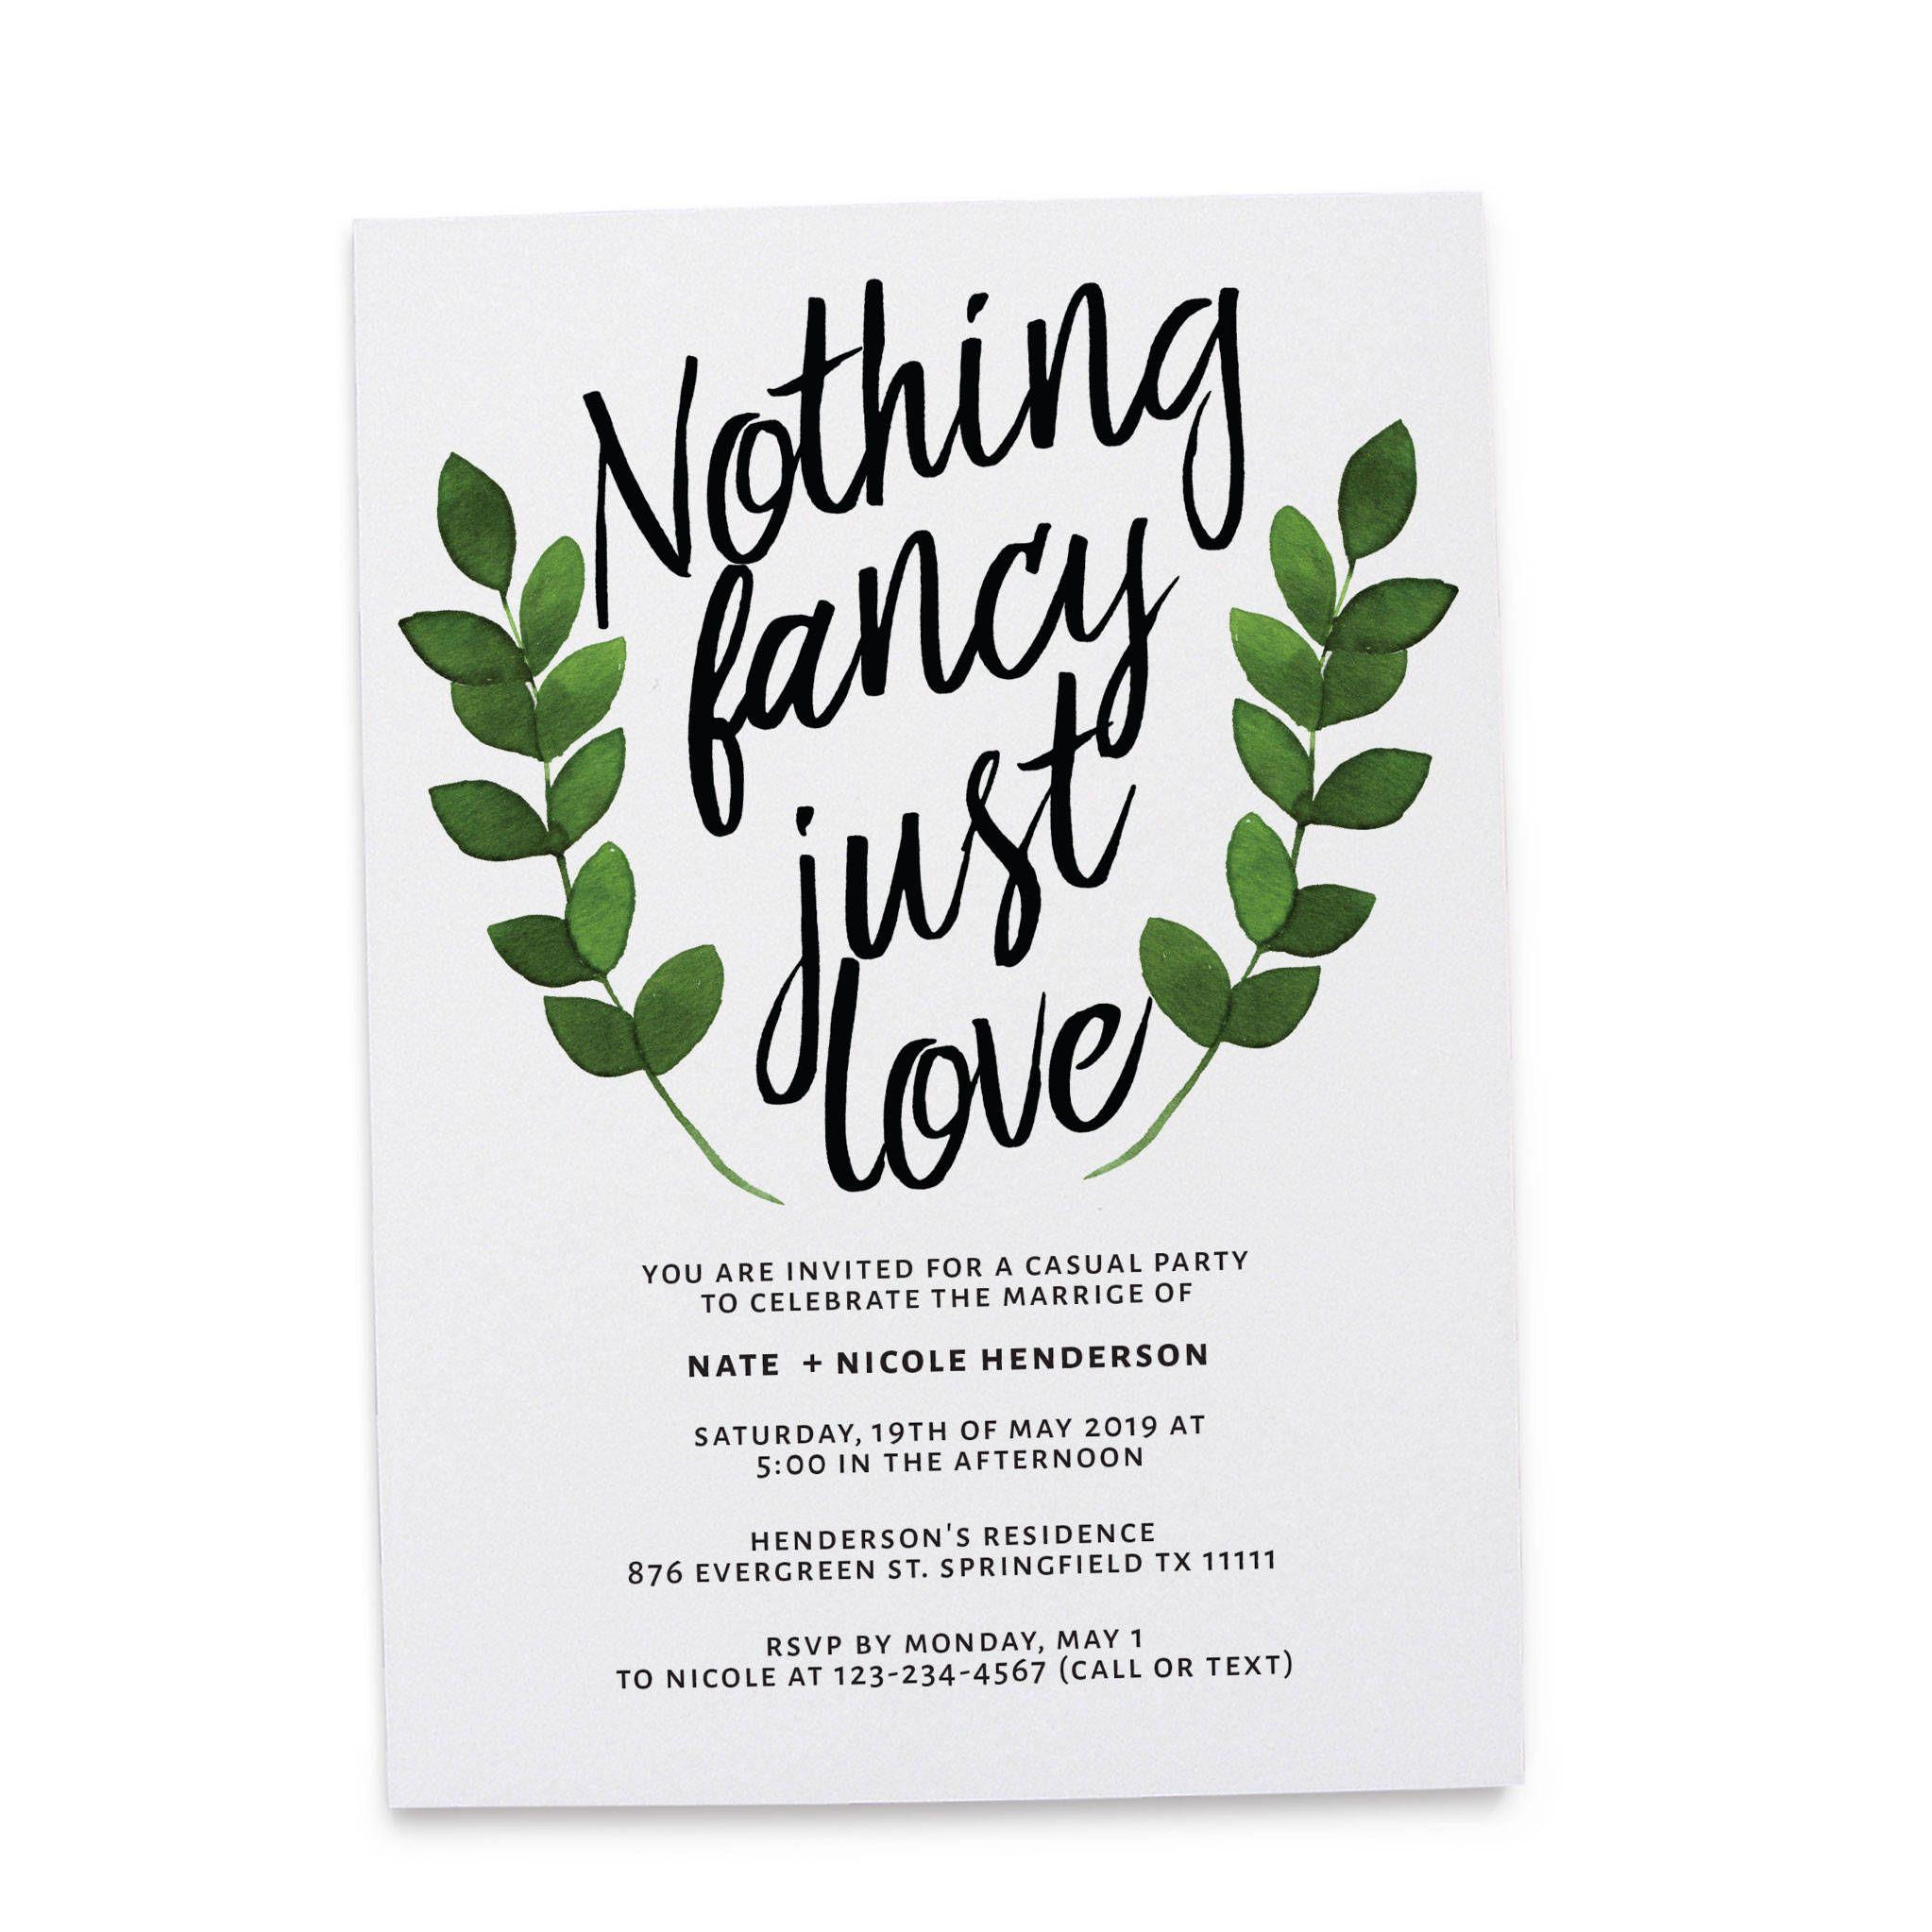 75 Fun Unique Wedding Invitations For Cool Couples Emmaline Bride Casual Wedding Reception Casual Wedding Invitations Funny Wedding Invitations